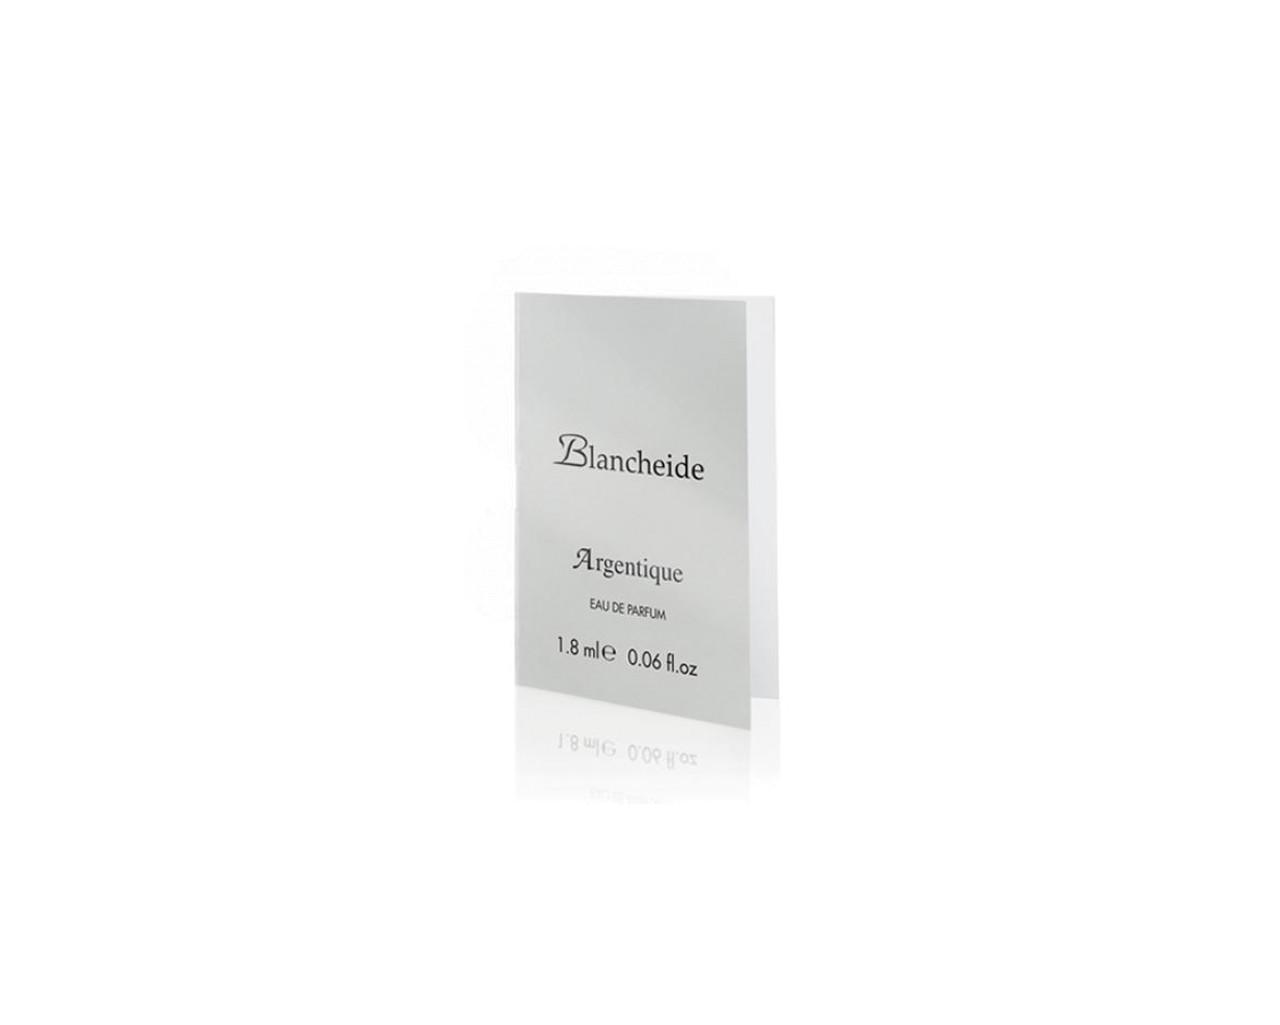 Campioncino Argentique Blancheide EDP 1,8 ml Blancheide BLAS001AR-02